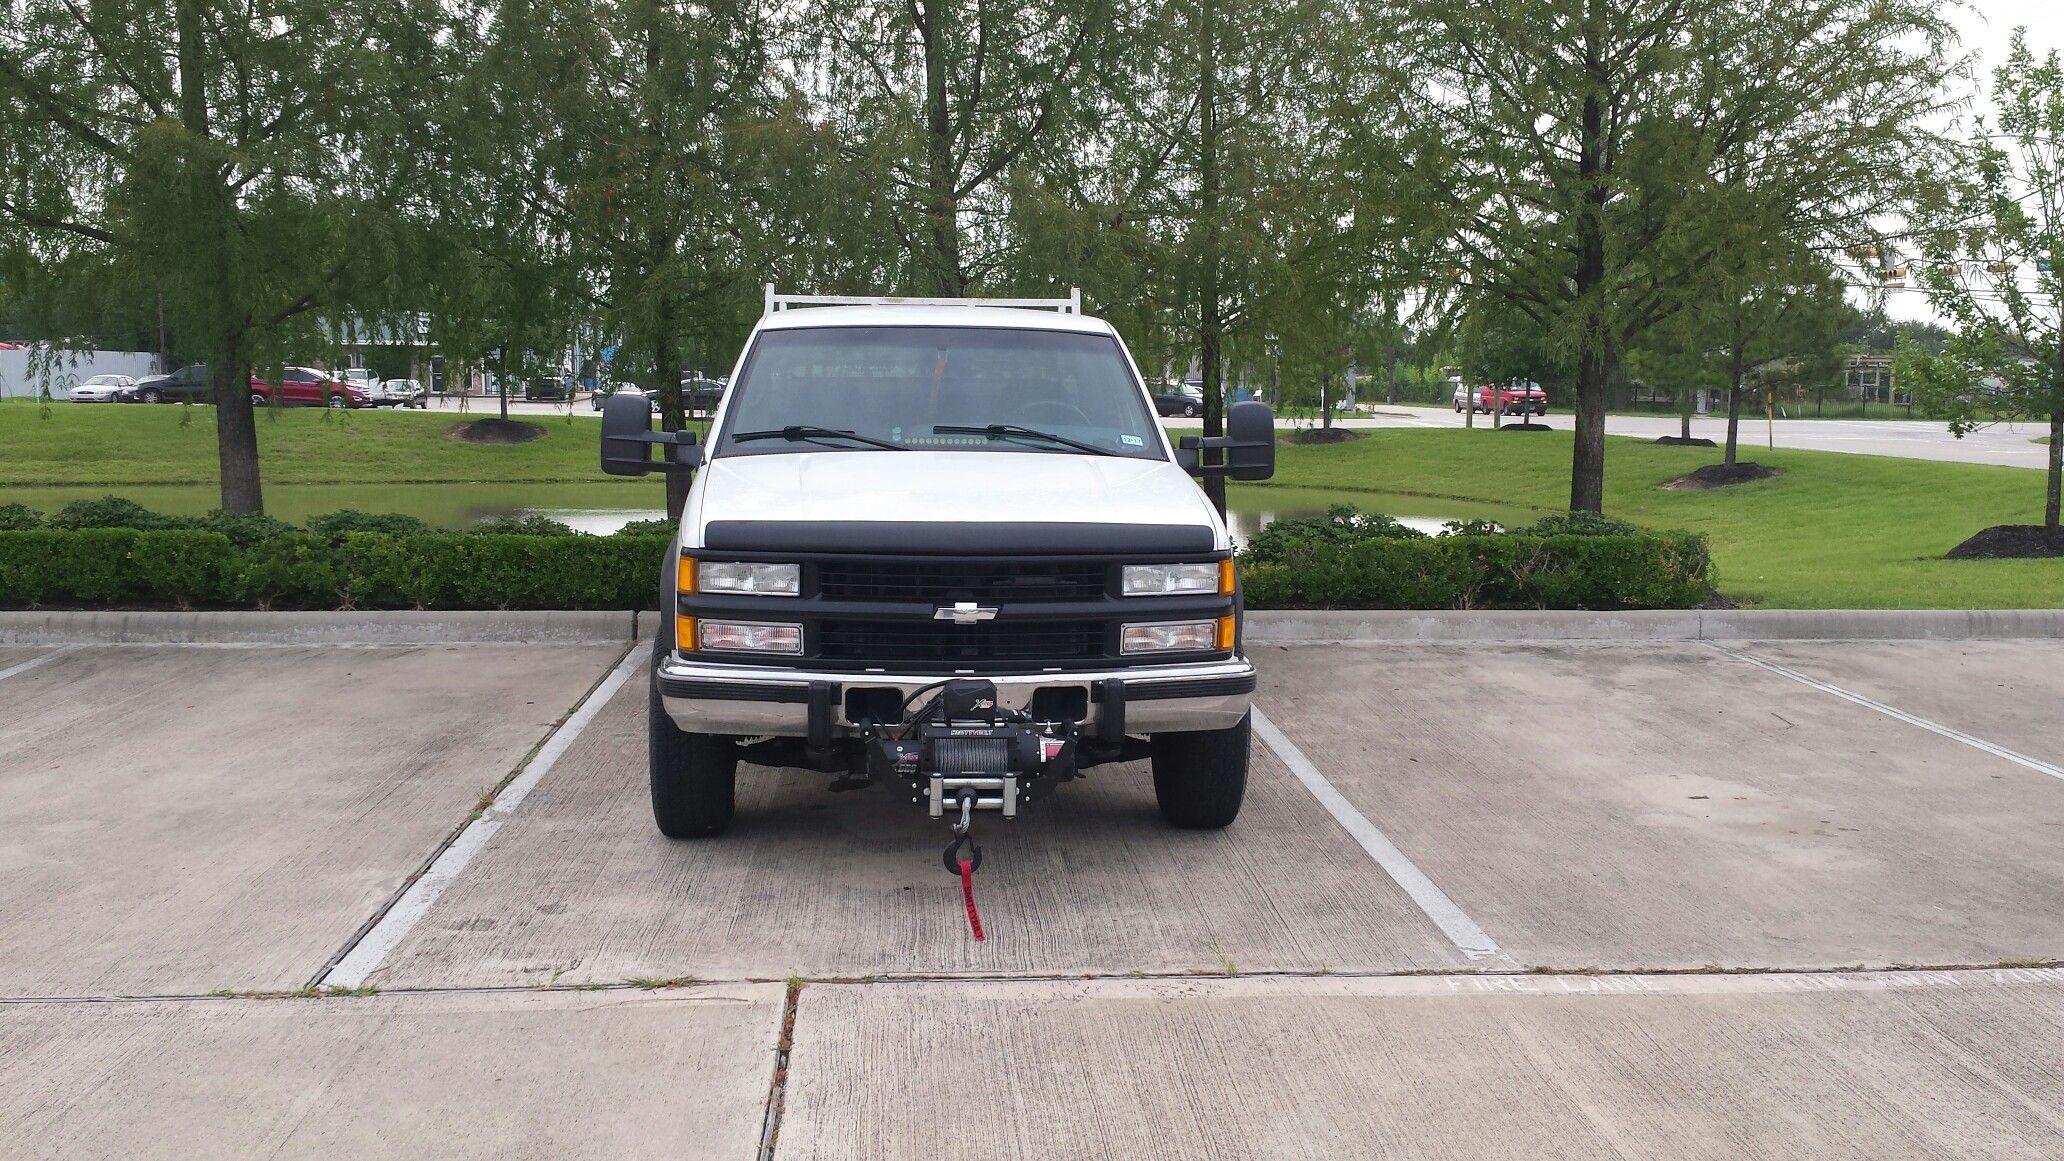 96 chevy k2500 silverado diesel smittybilt xrc 15 500 winch 97415 [ 2064 x 1161 Pixel ]